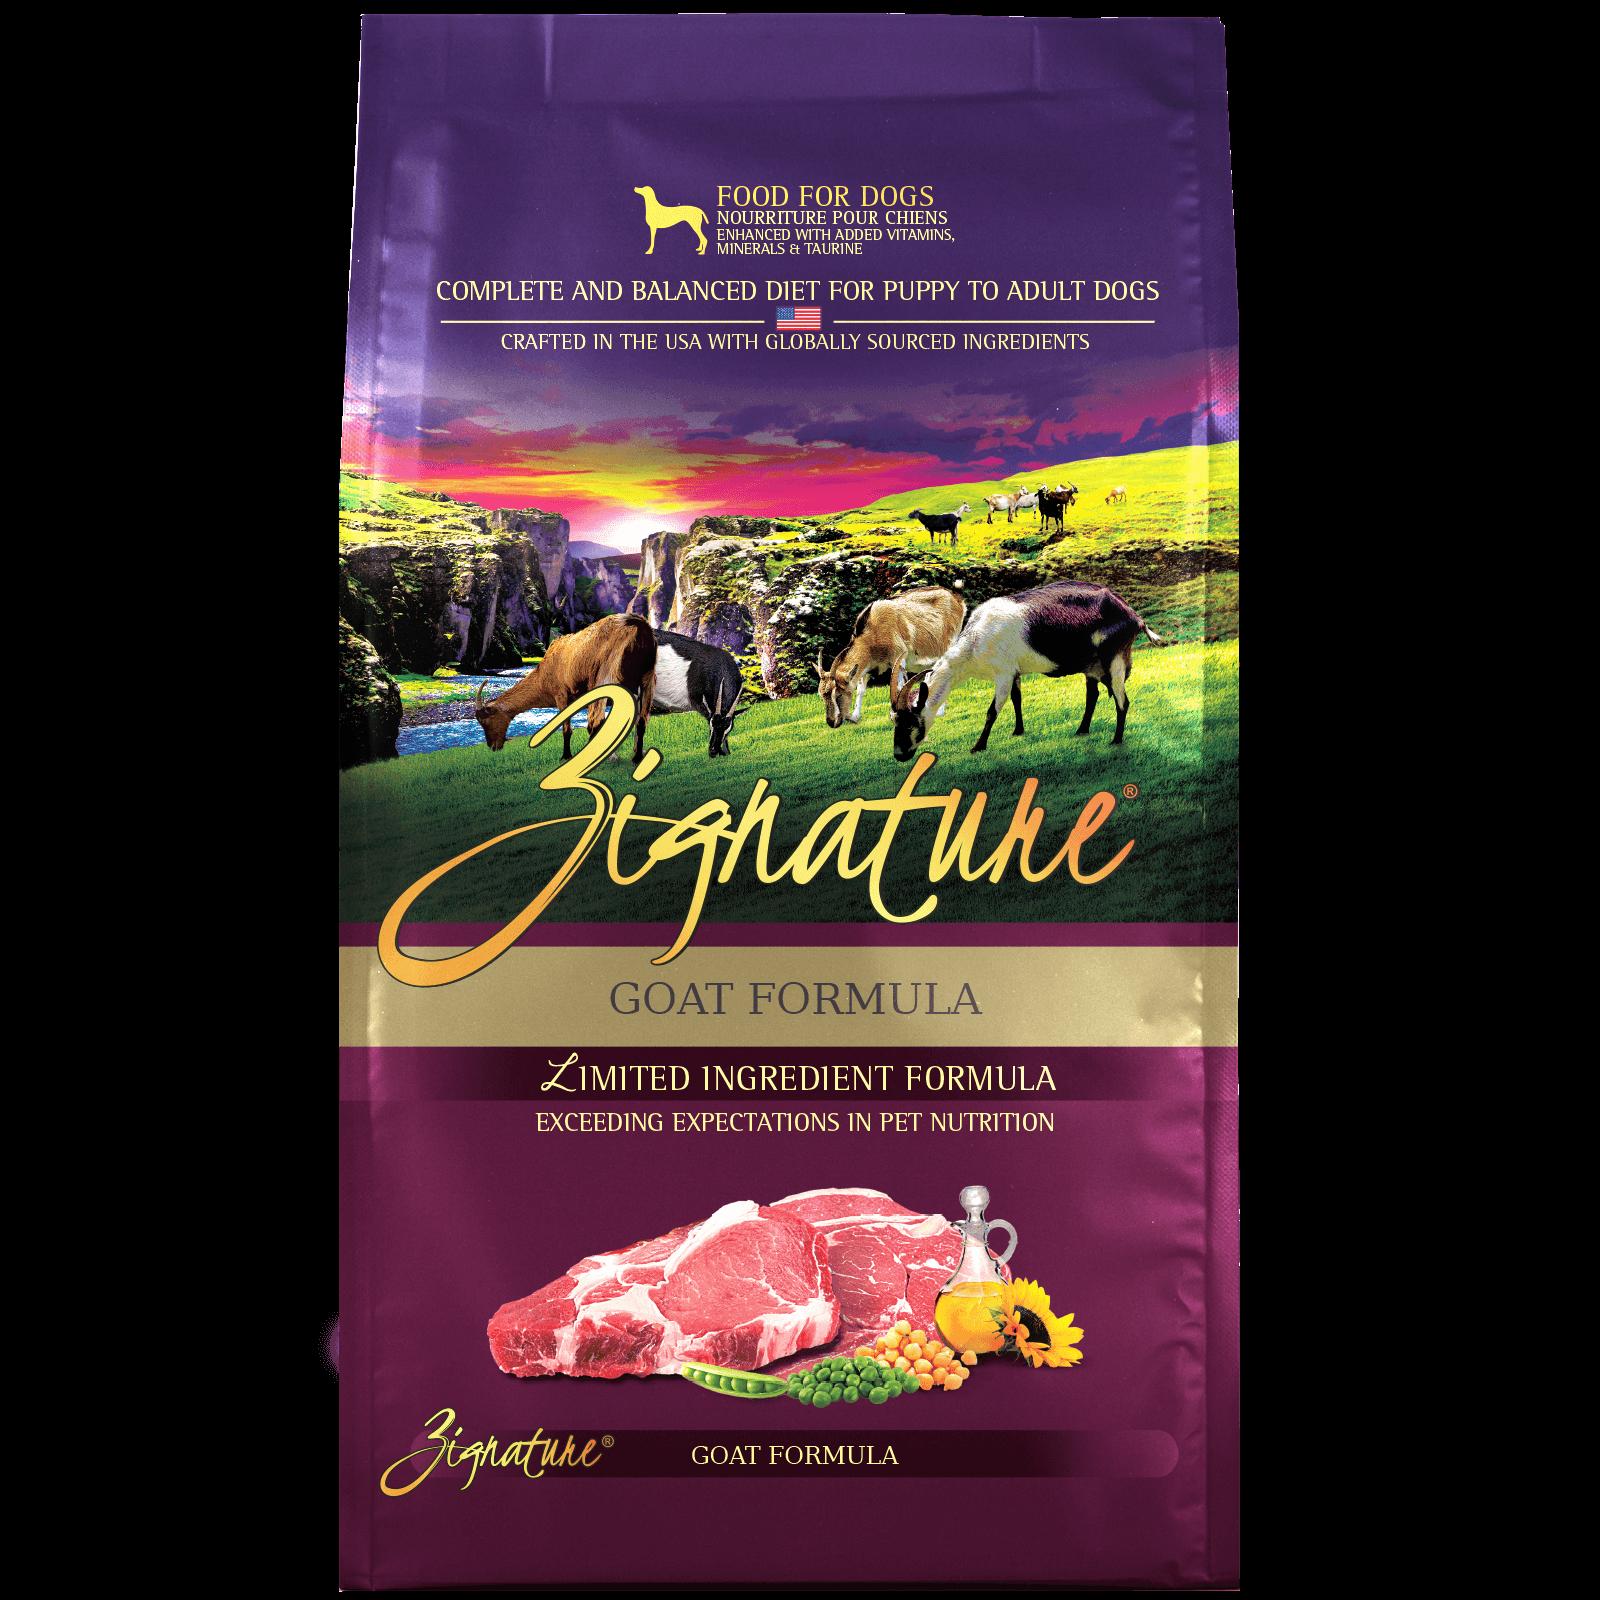 Zignature Goat Formula Dog Food (4lb)